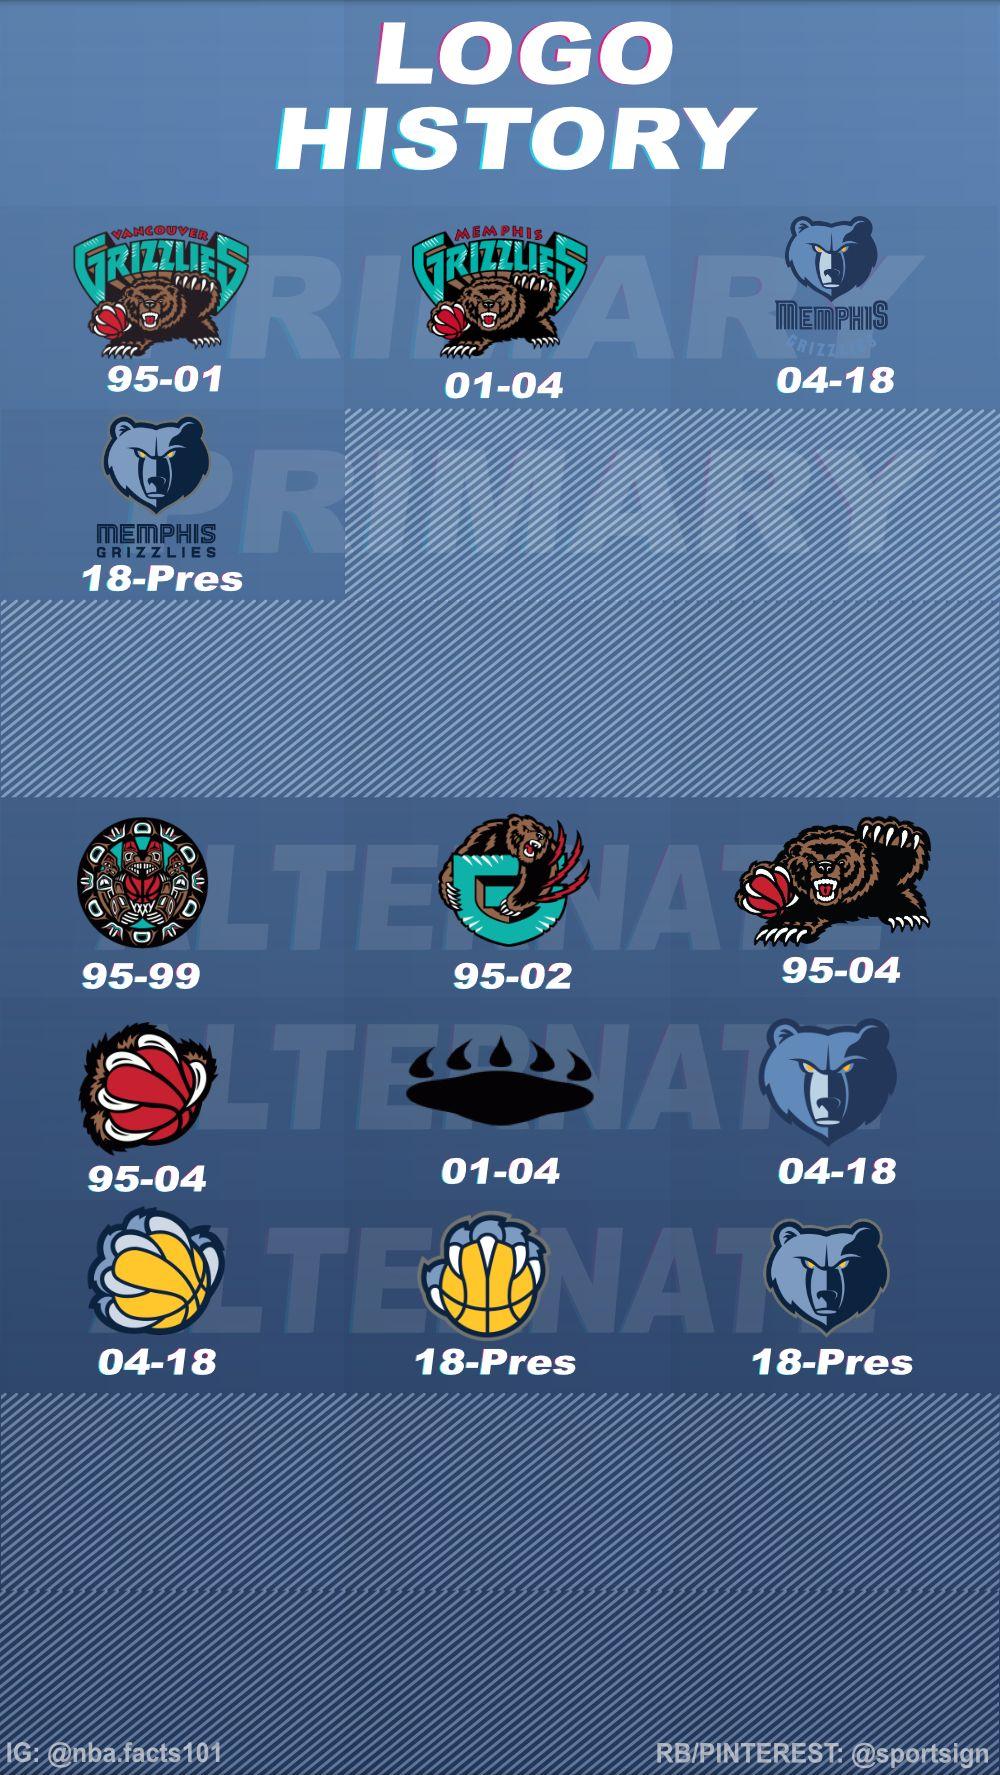 History of the NBA Basketball Team Memphis Grizzlies Logos